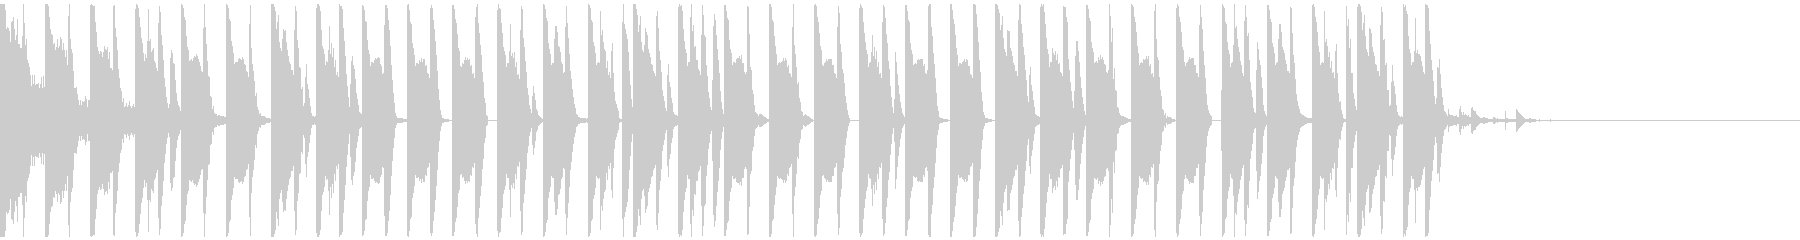 オシャレ・戦闘・スリリングEDM、②の未再生の波形